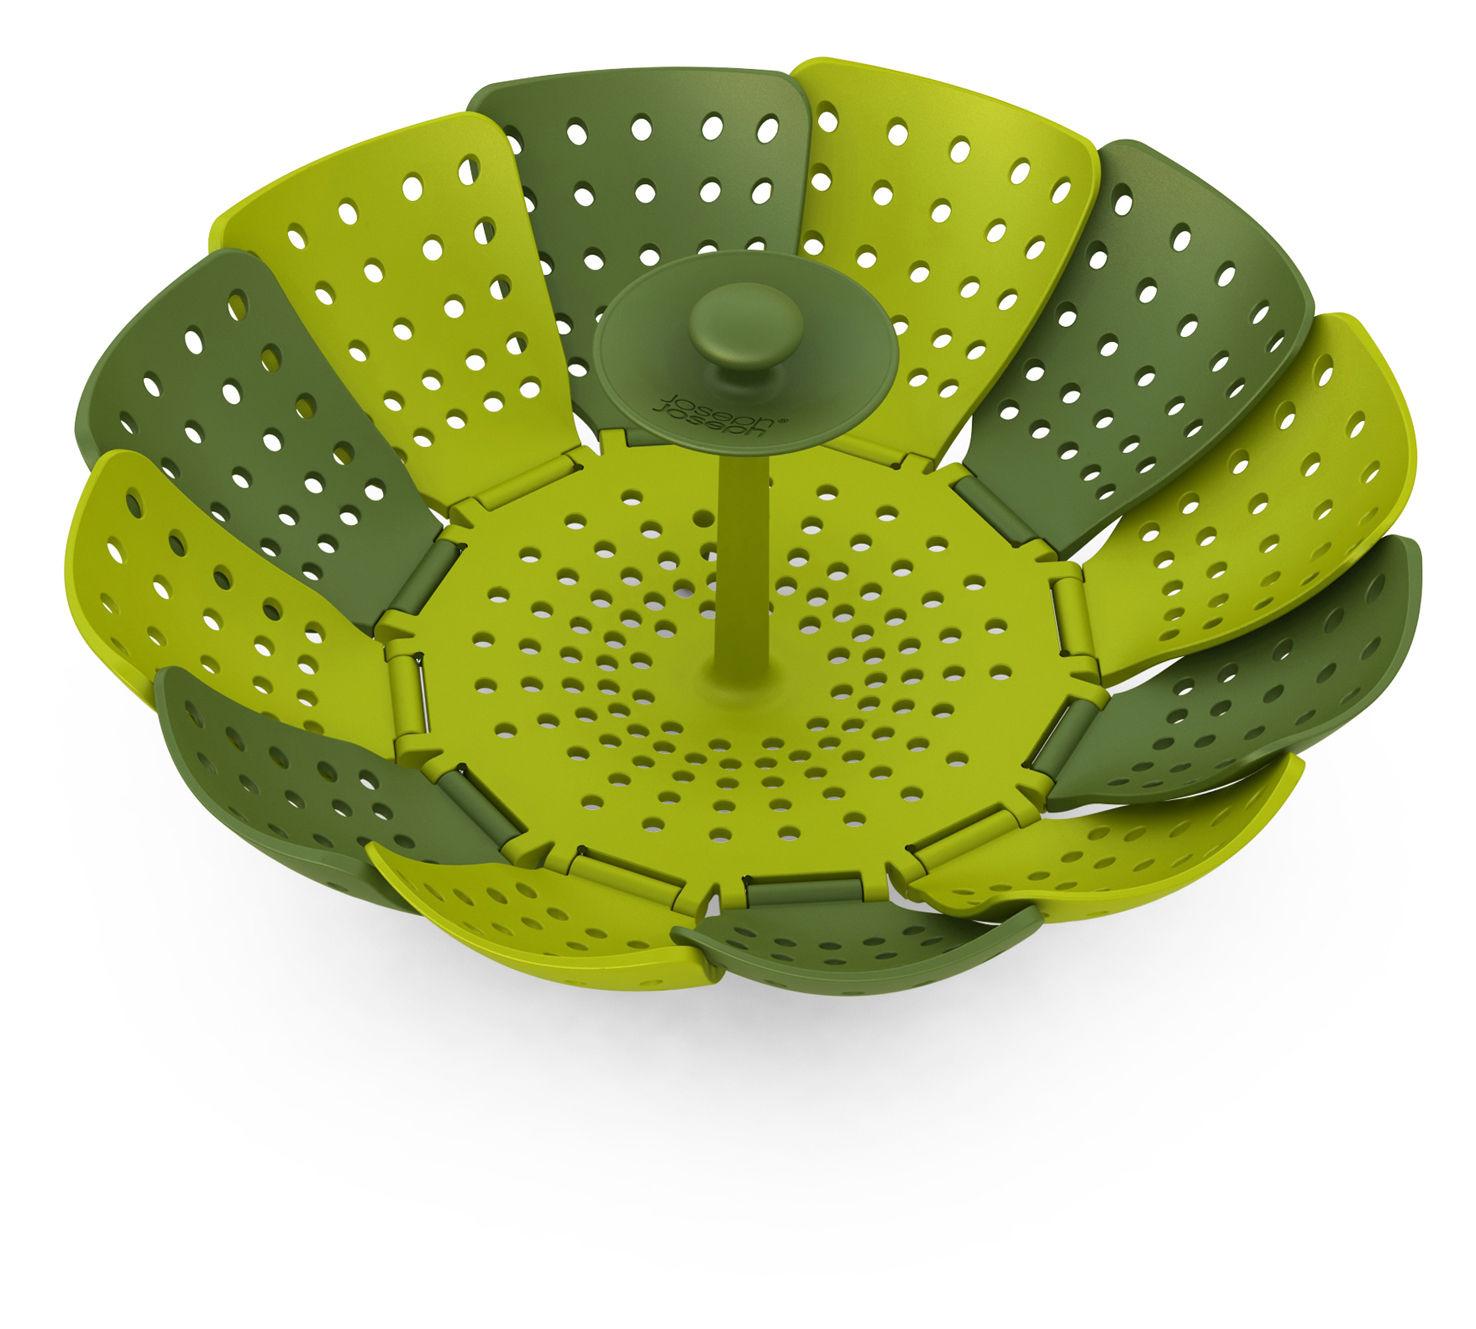 Cucina - Utensili da cucina - Cesto per cottura a vapore Lotus di Joseph Joseph - Verde e verde chiaro - Polipropilene, Silicone